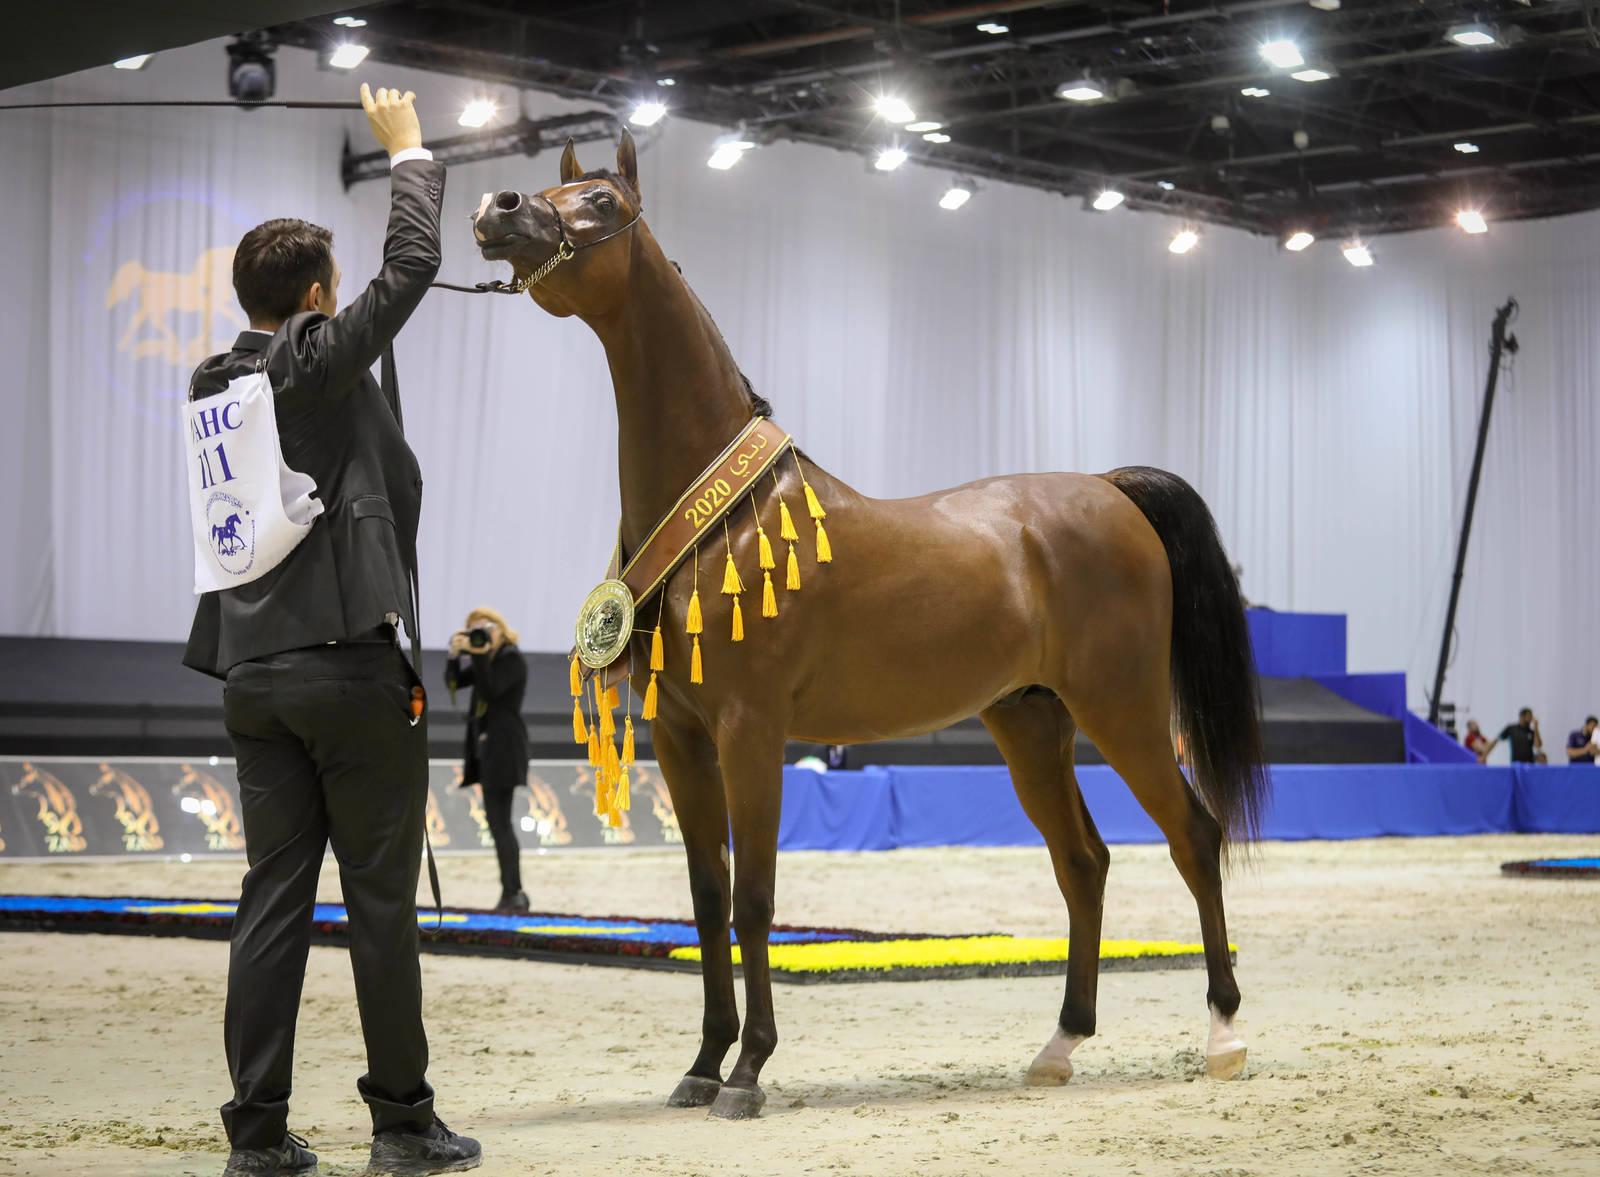 Dubai Arabian Horse Show 2020